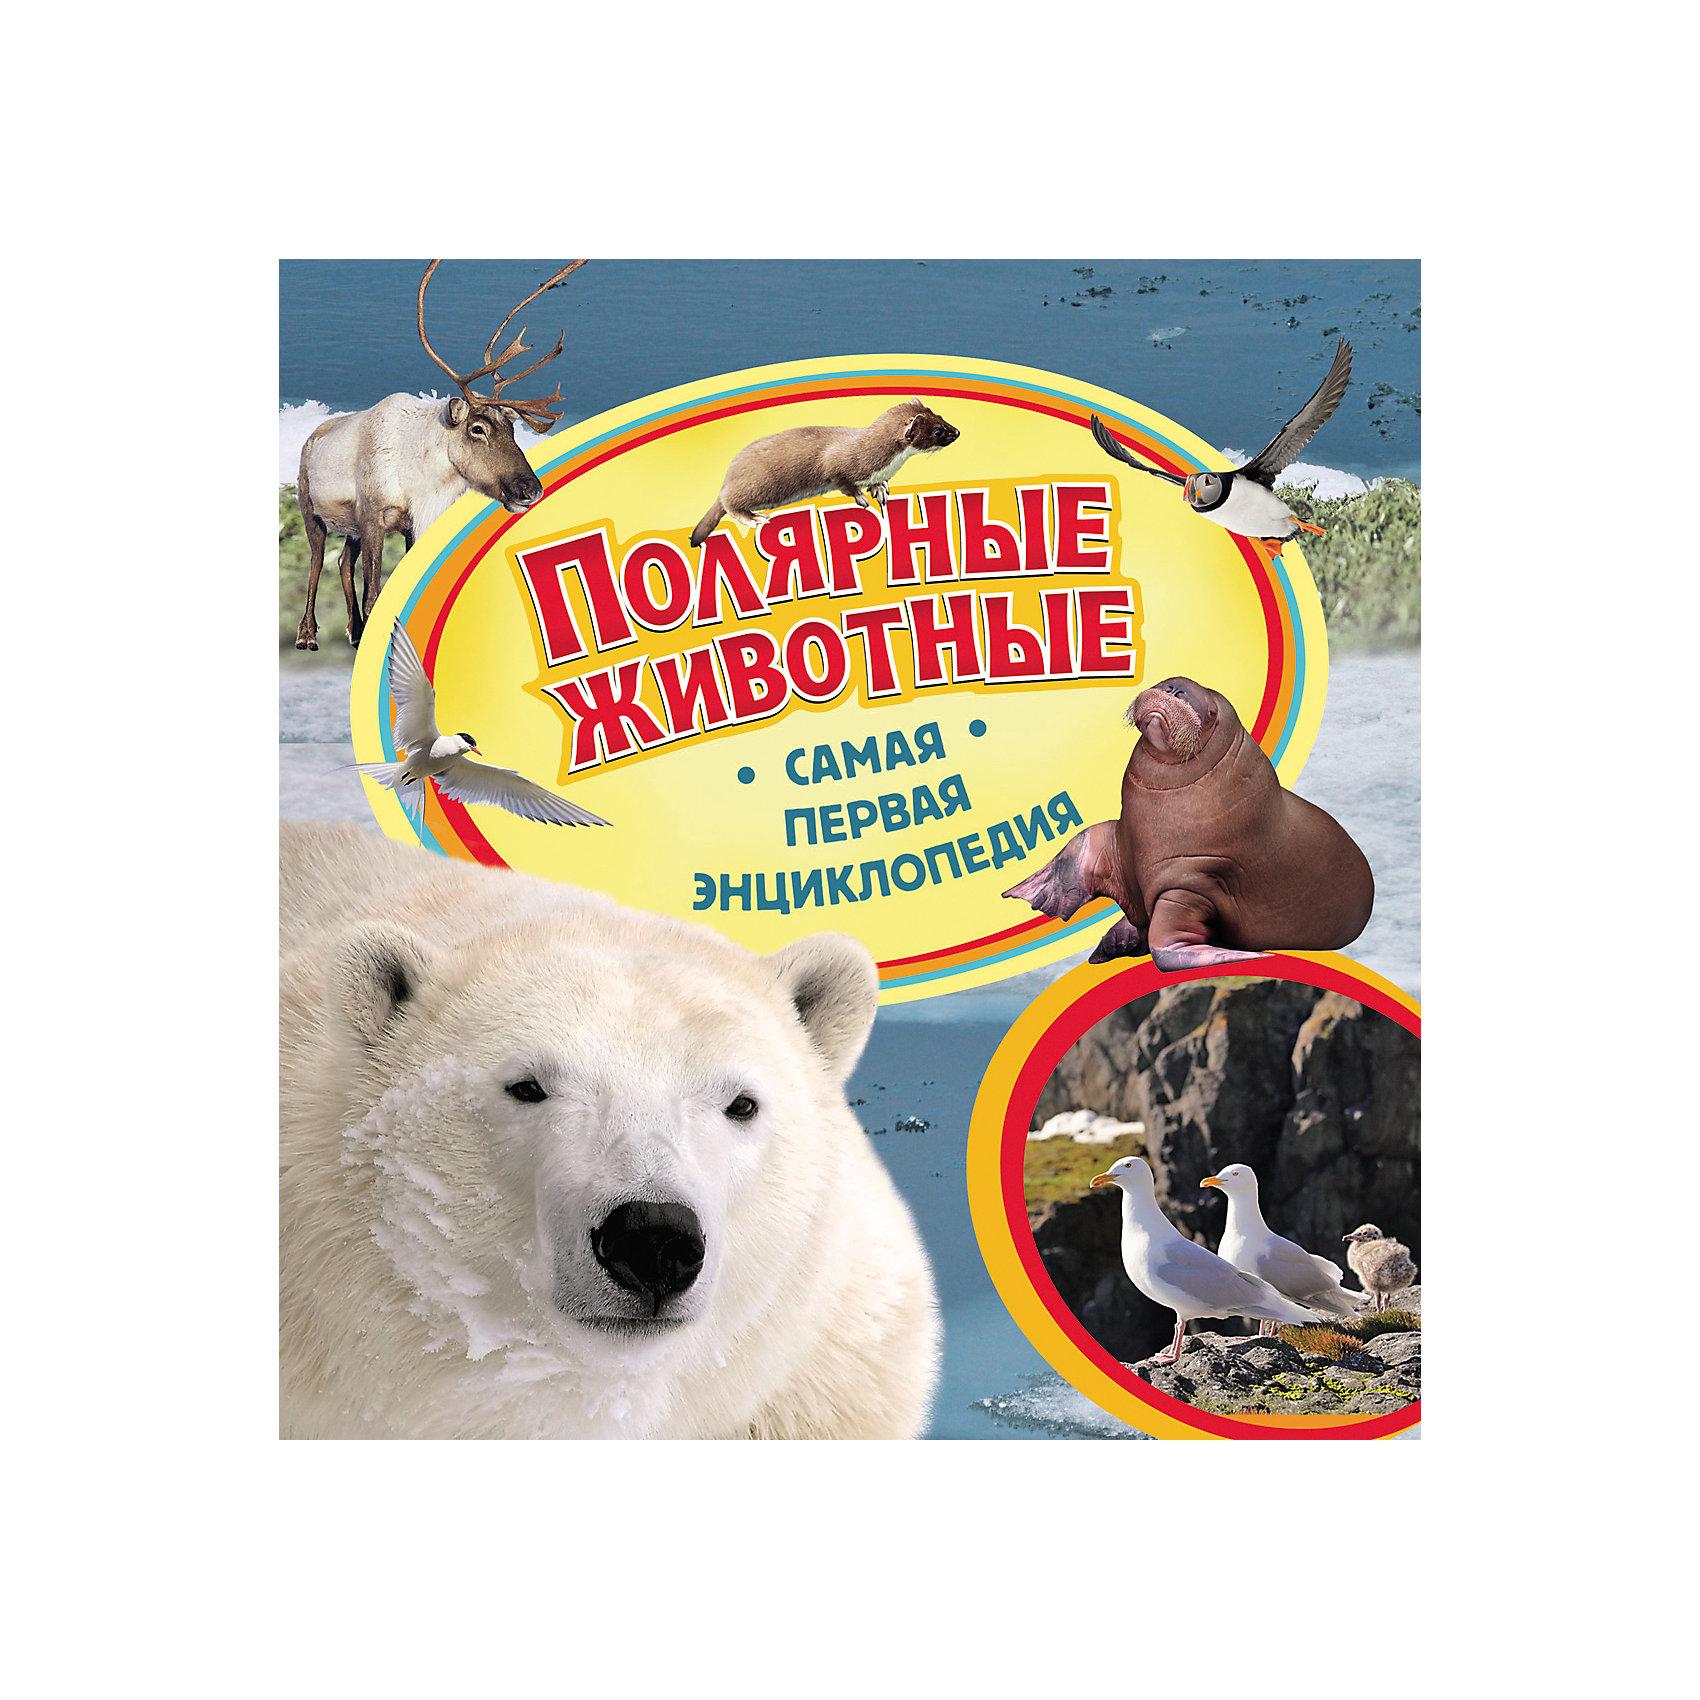 Полярные животные, Самая первая энциклопедияРосмэн<br>Характеристики товара:<br><br>- цвет: разноцветный;<br>- материал: бумага;<br>- страниц: 36;<br>- формат: 22 х 23 см;<br>- обложка: твердая;<br>- цветные иллюстрации.<br><br>Эта интересная книга с иллюстрациями станет отличным подарком для ребенка. Она содержит в себе ответы на вопросы, которые интересуют малышей. Всё представлено в очень простой форме! Талантливый иллюстратор дополнил книгу качественными рисунками, которые помогают ребенку понять суть многих вещей в нашем мире. Удивительные и интересные факты помогут привить любовь к учебе!<br>Чтение - отличный способ активизации мышления, оно помогает ребенку развивать зрительную память, концентрацию внимания и воображение. Издание произведено из качественных материалов, которые безопасны даже для самых маленьких.<br><br>Книгу Полярные животные, Самая первая энциклопедия от компании Росмэн можно купить в нашем интернет-магазине.<br><br>Ширина мм: 225<br>Глубина мм: 225<br>Высота мм: 8<br>Вес г: 282<br>Возраст от месяцев: 36<br>Возраст до месяцев: 72<br>Пол: Унисекс<br>Возраст: Детский<br>SKU: 5109964